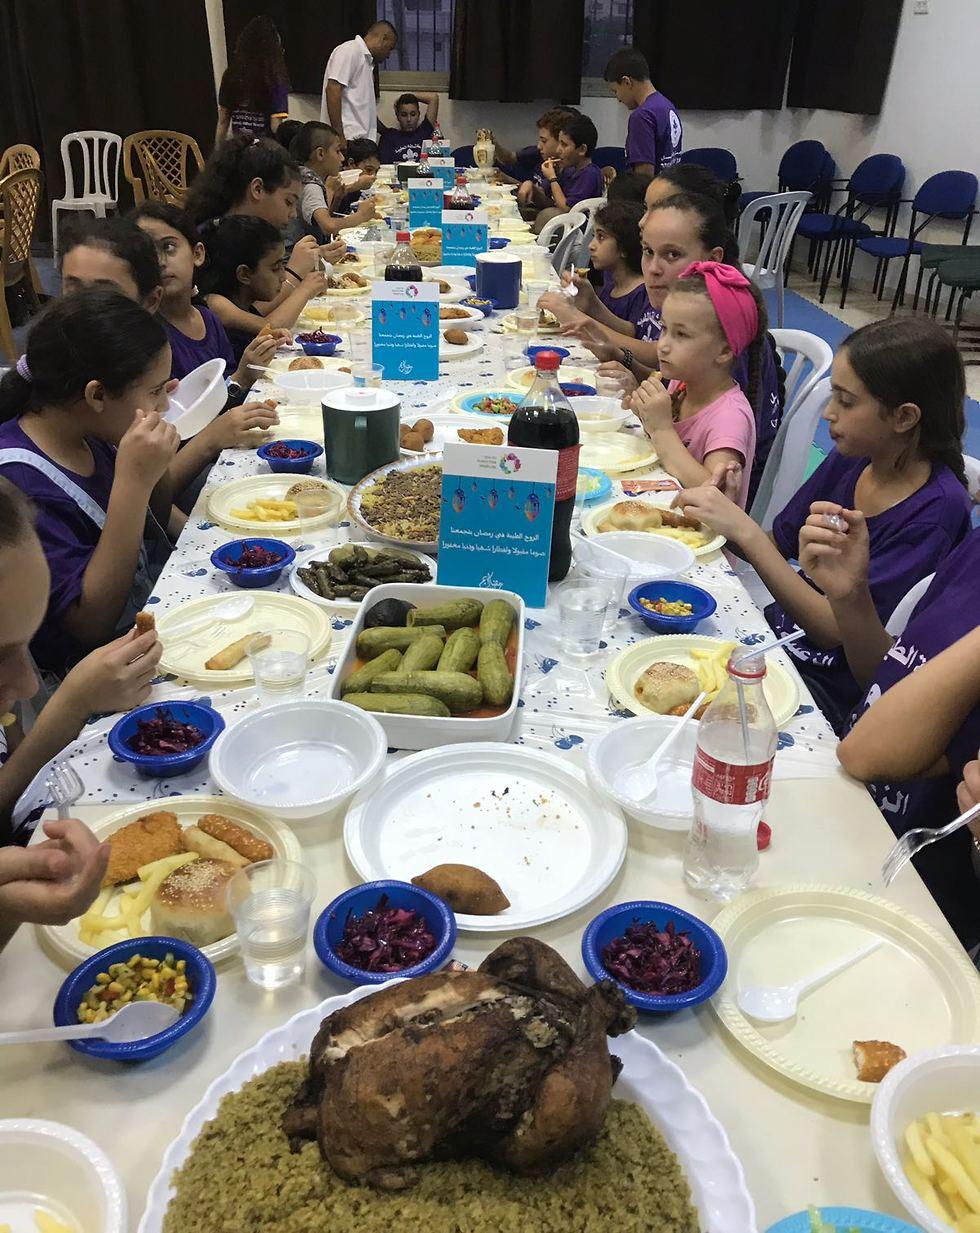 סעודת רמאדאן למען אנשים עם צרכים מיוחדים (צילום: שאדיה ג'ומעה)